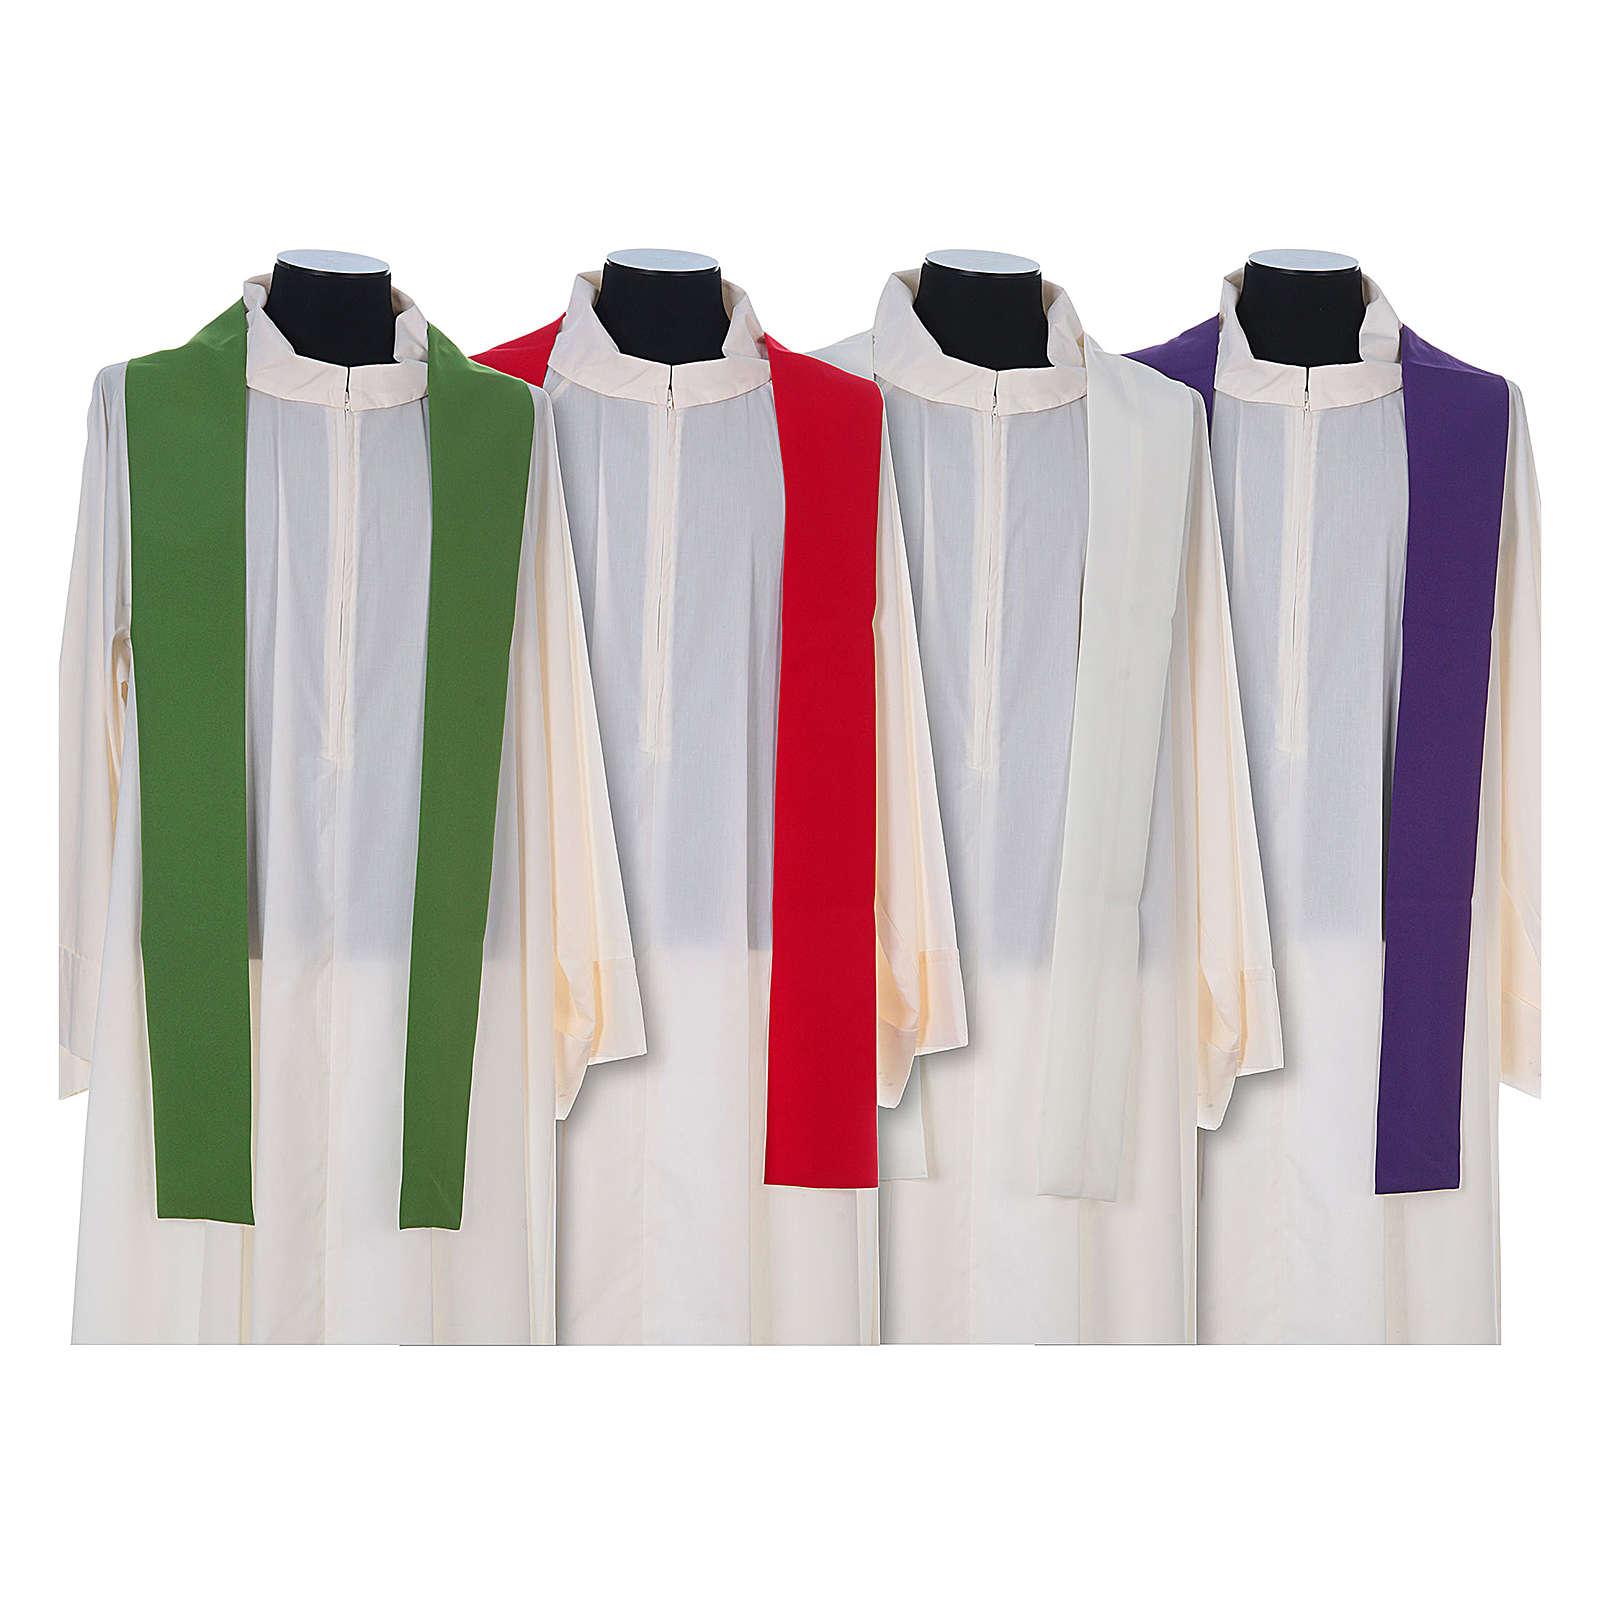 Casula sacerdotale 100% poliestere con spighe croce uva 4